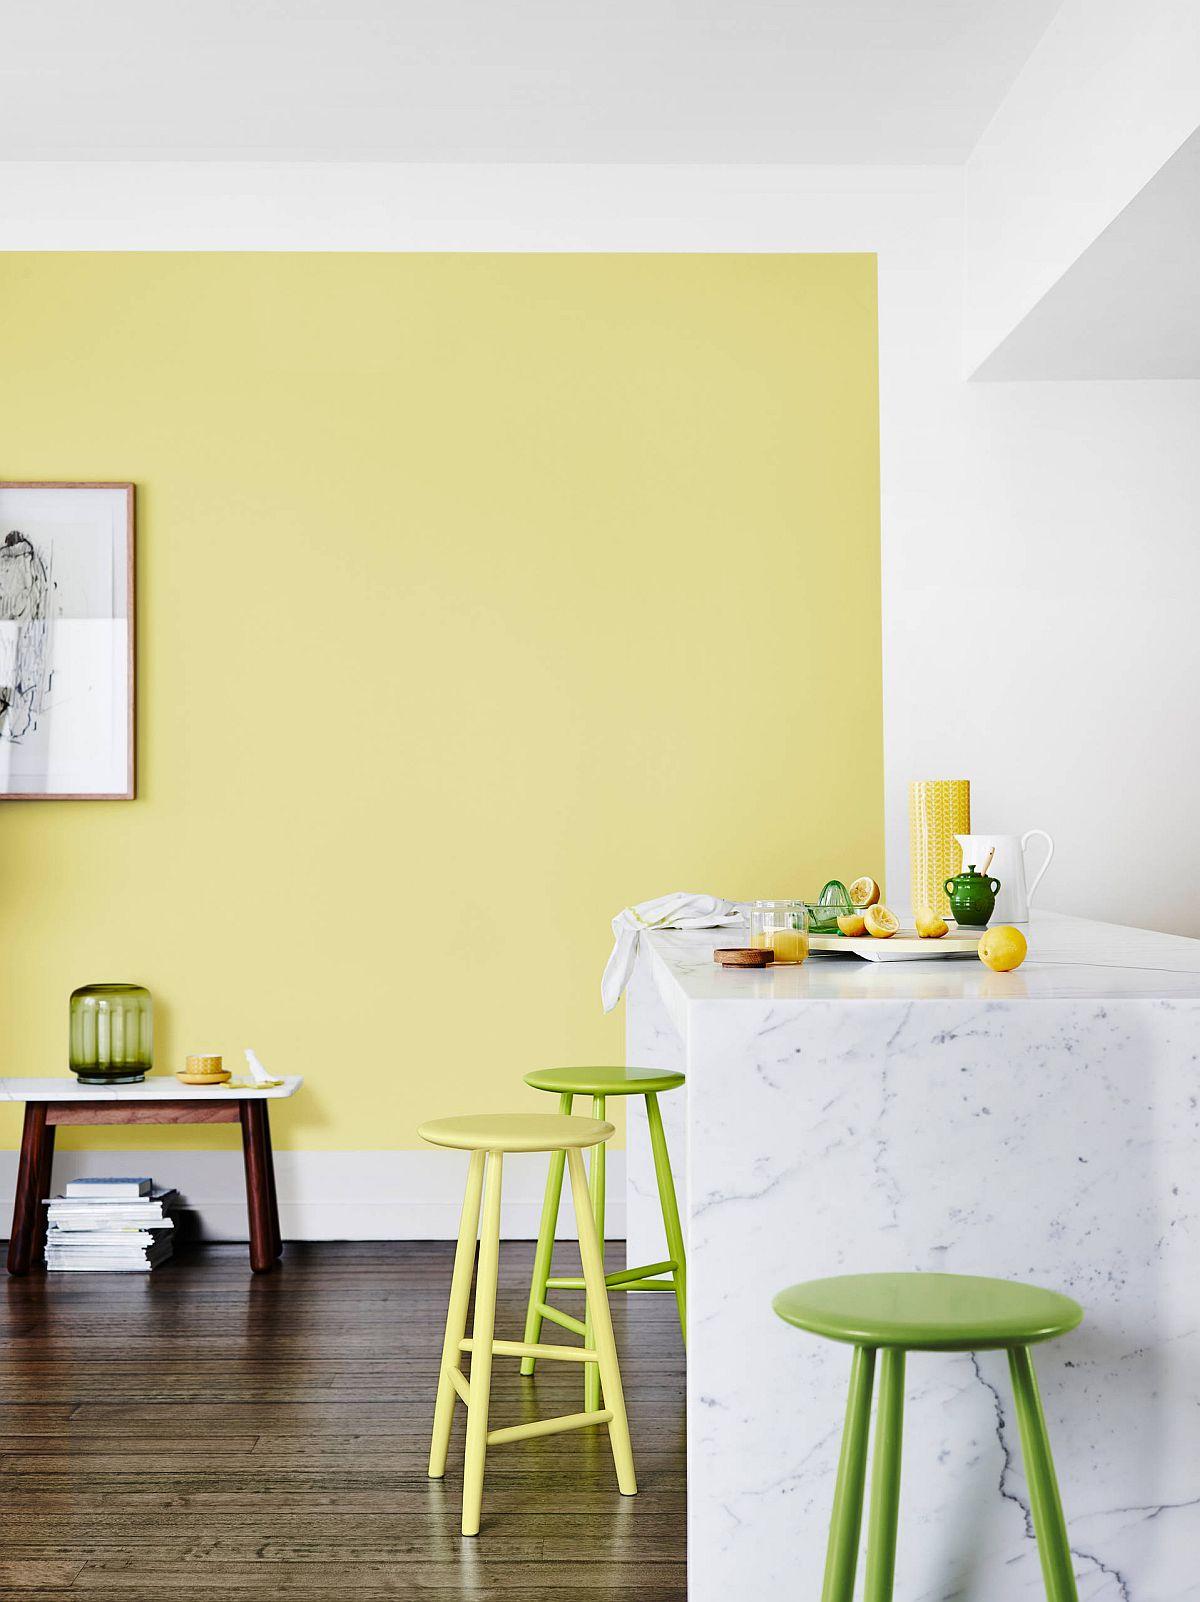 """Căn bếp màu vàng – xanh: xu hướng thời thượng được dự đoán """"hot nhất"""" năm 2021 - Ảnh 3."""